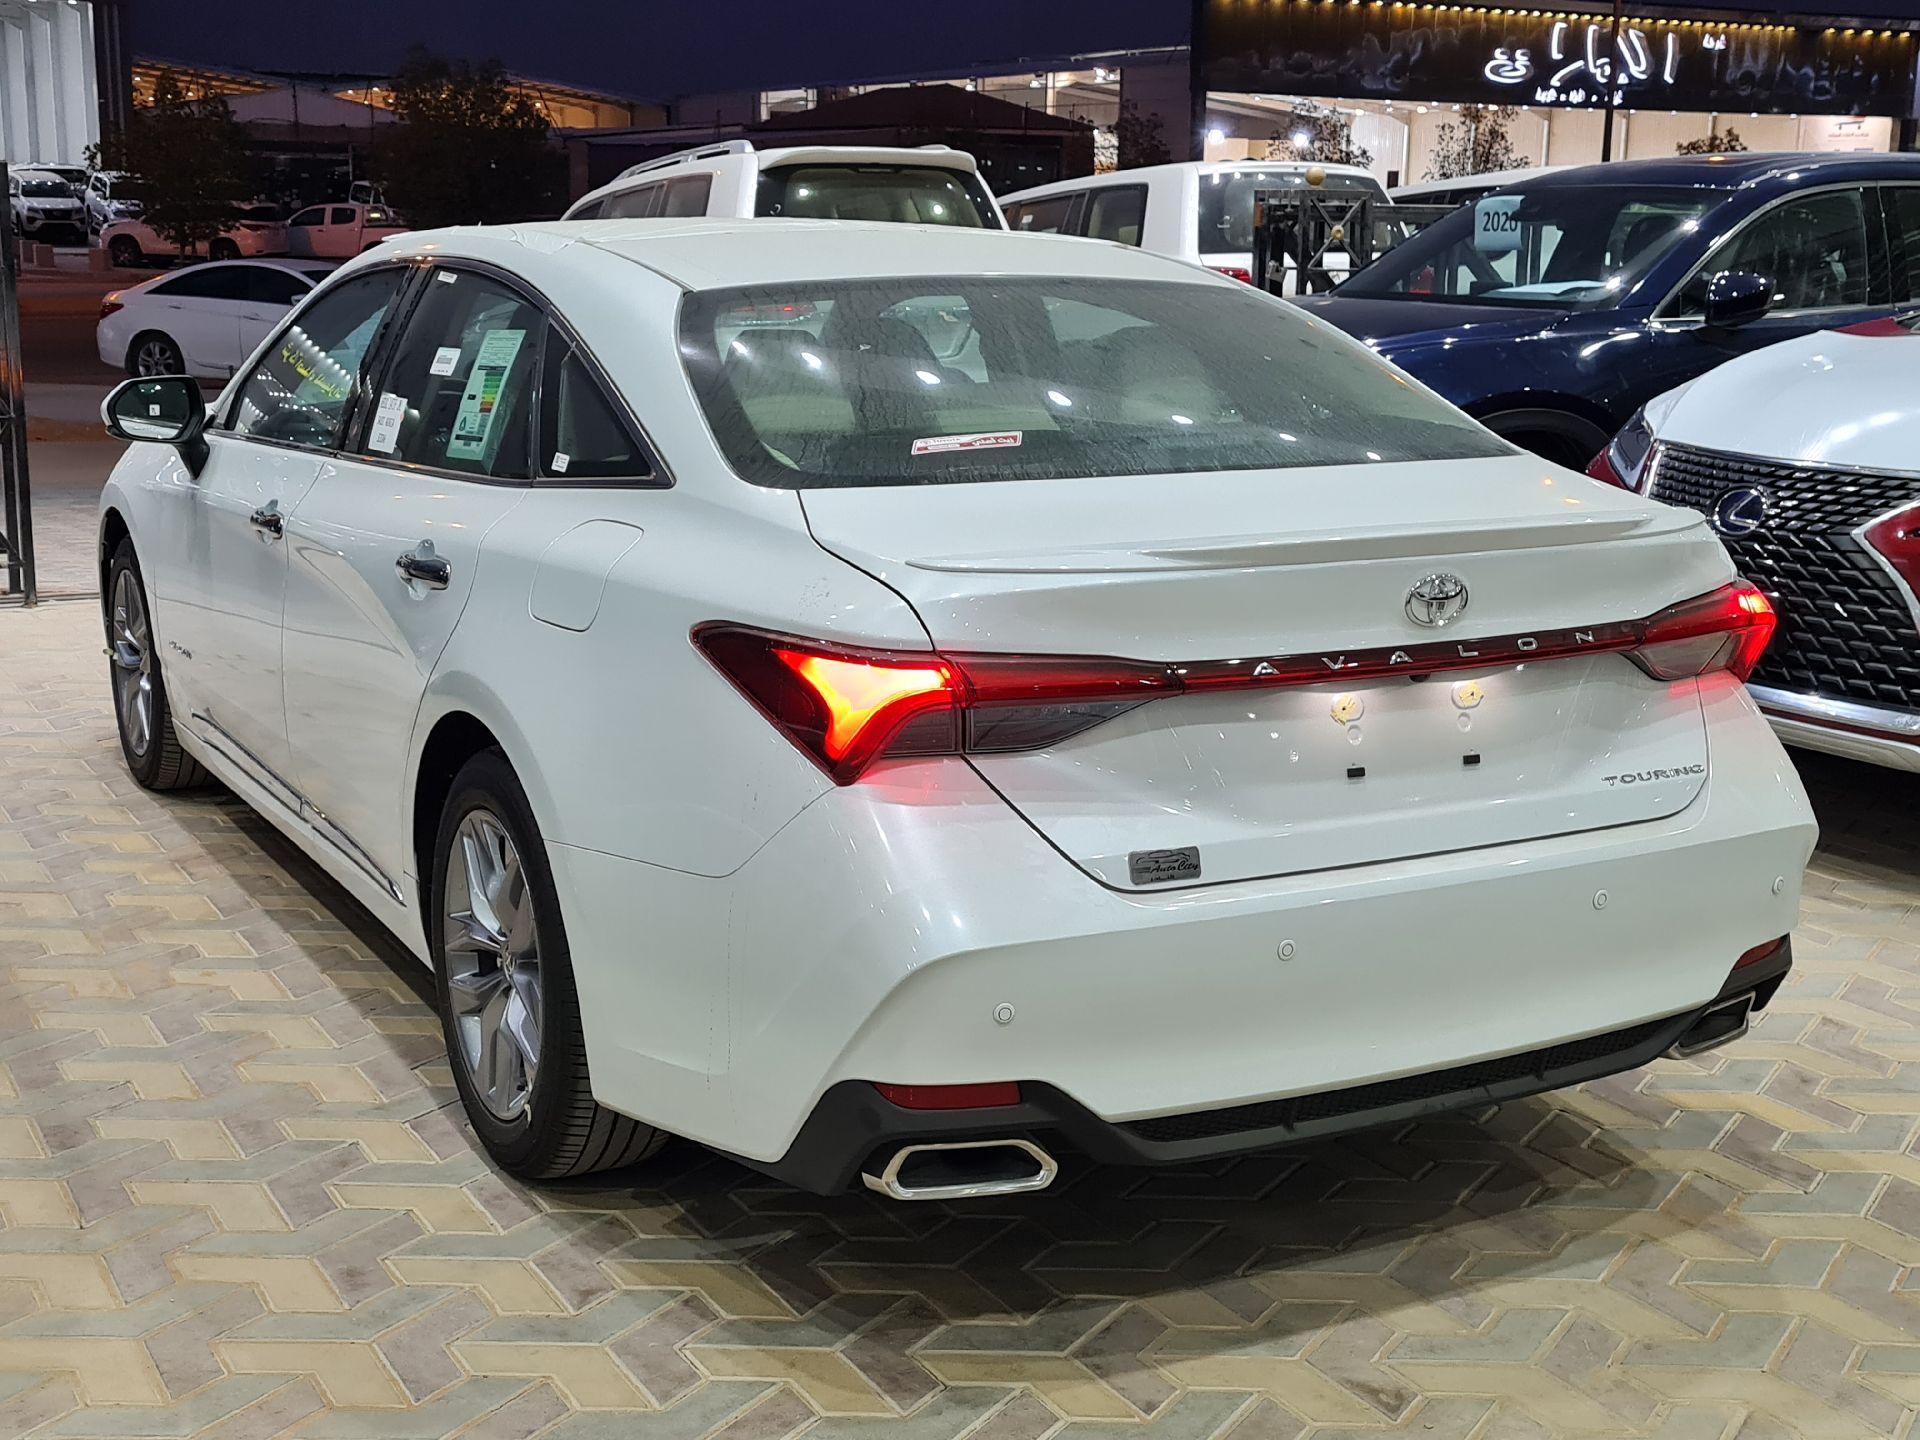 تويوتا افالون Touring نص فل 2021  سعودي جديد للبيع في الرياض - السعودية - صورة كبيرة - 3